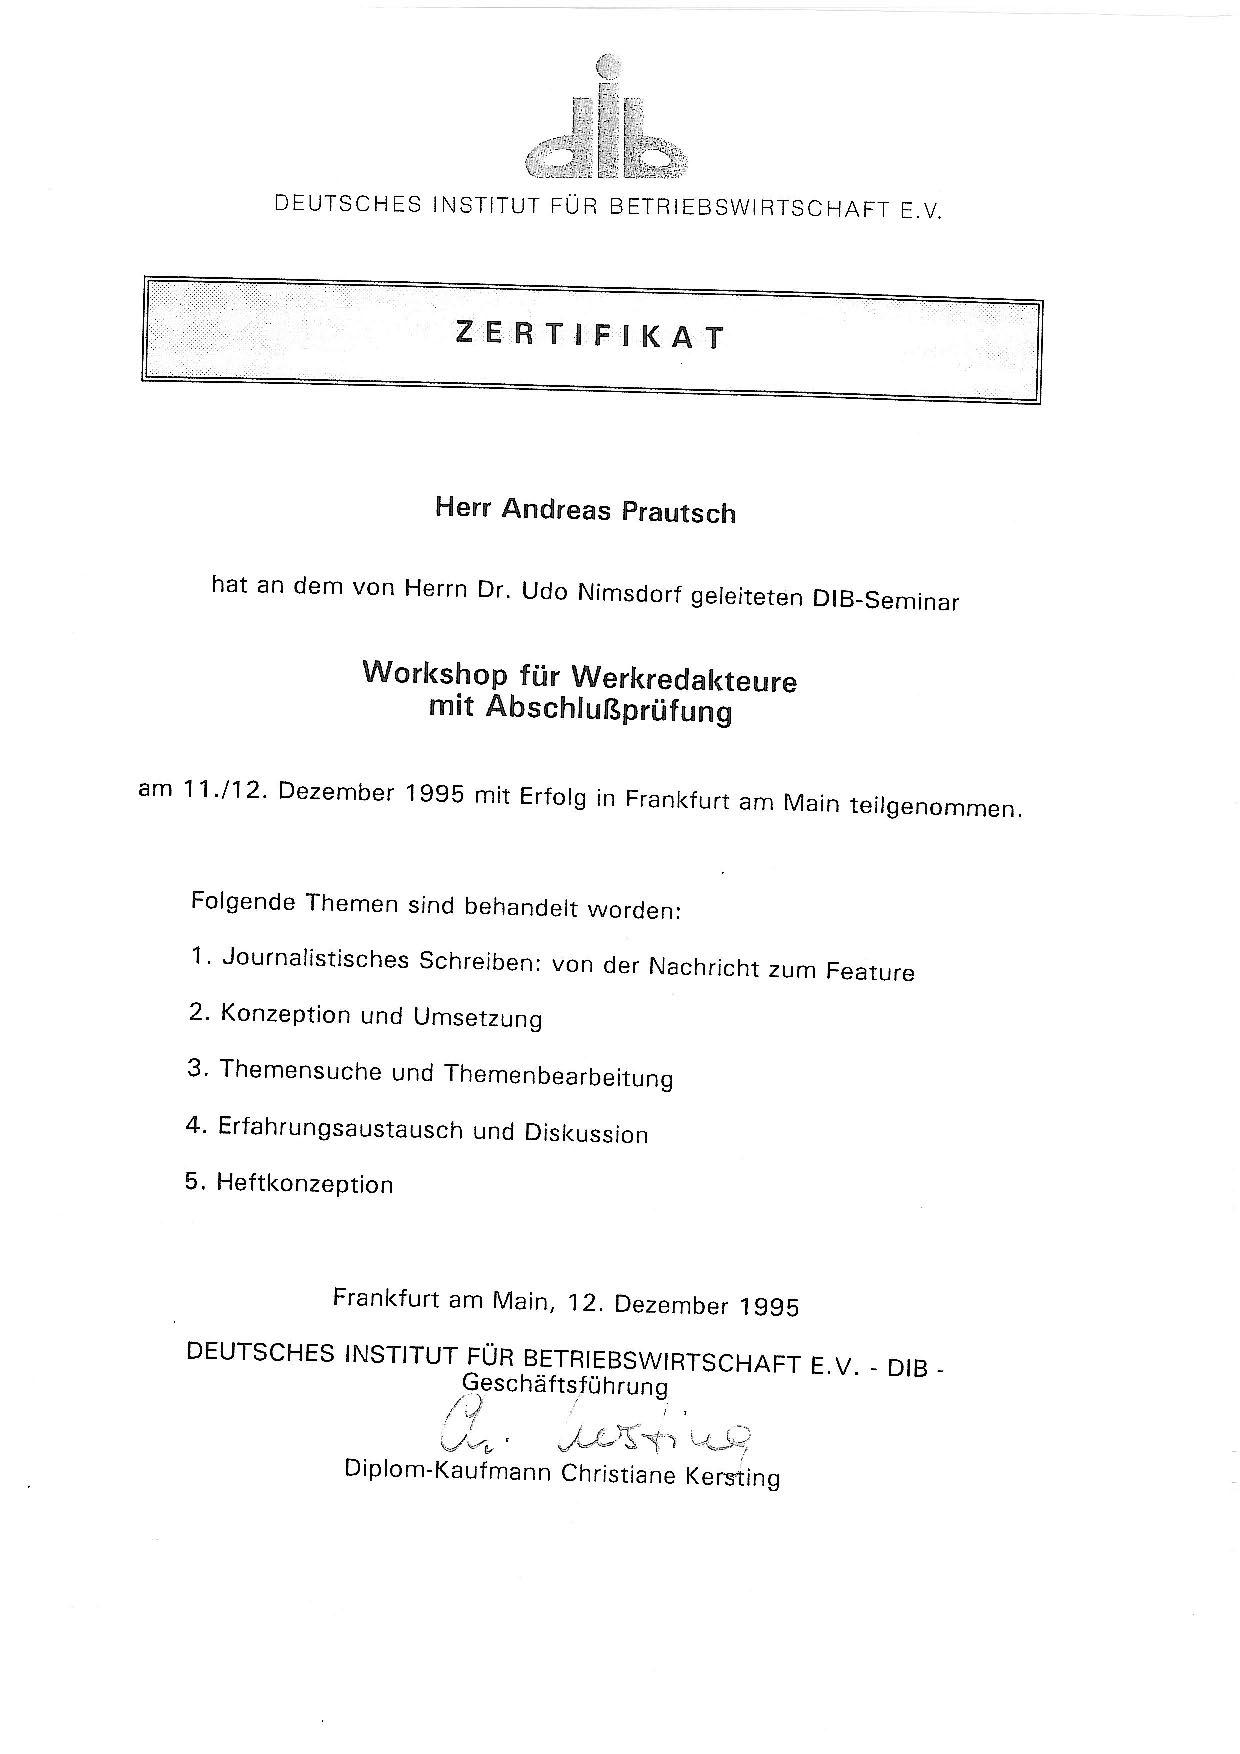 Workshop für Werkredakteure